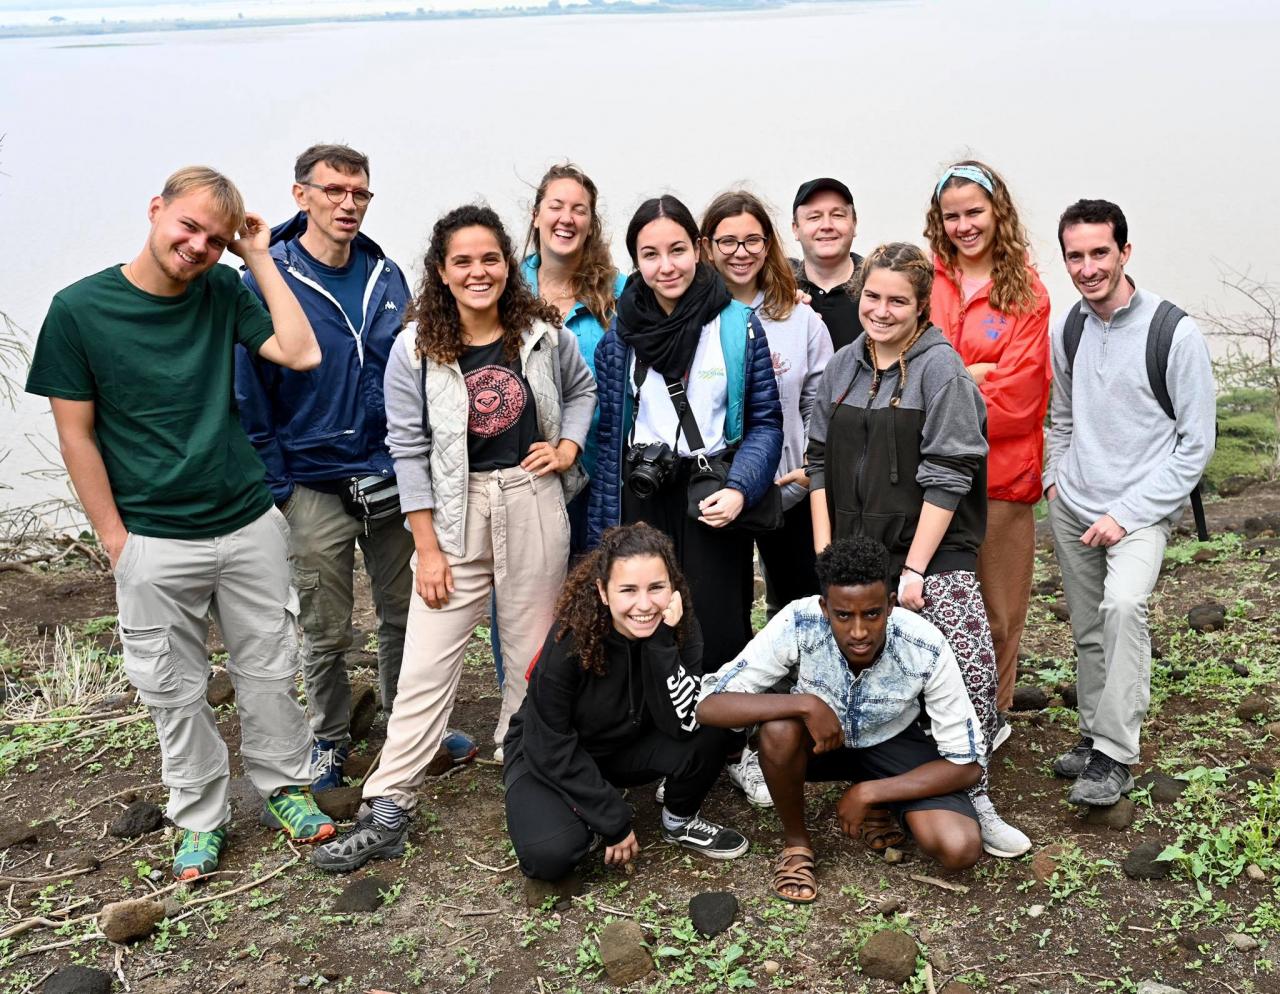 siti di incontri gratuiti in Etiopia quanto tempo dopo la datazione di vivere insieme